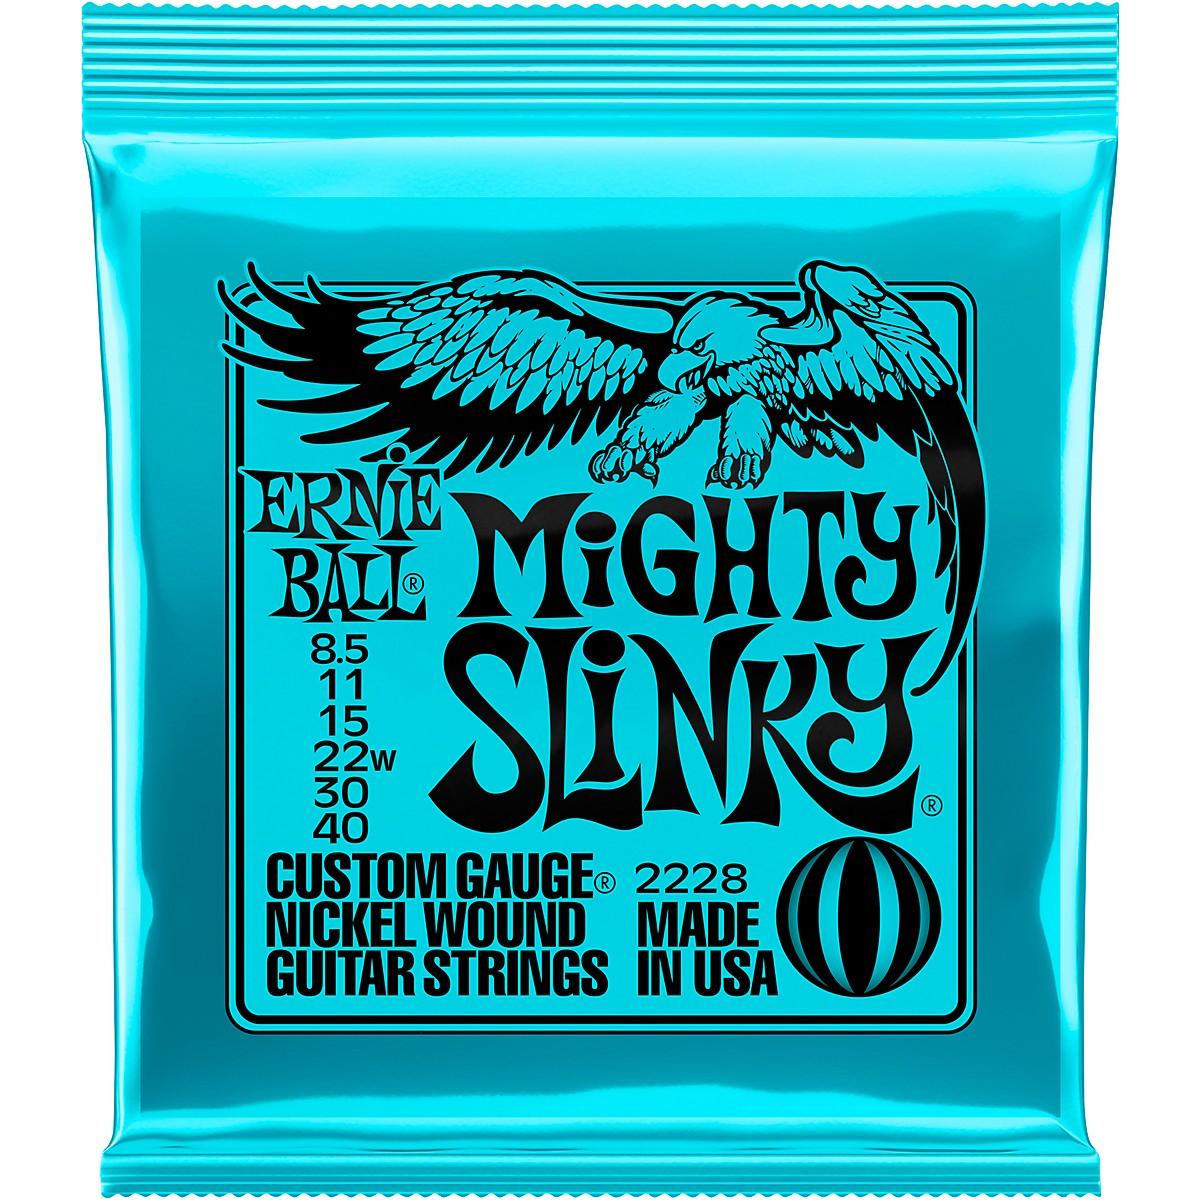 Encordoamento Ernie Ball Guitarra  8.5-40 Mighty Slinky 2228